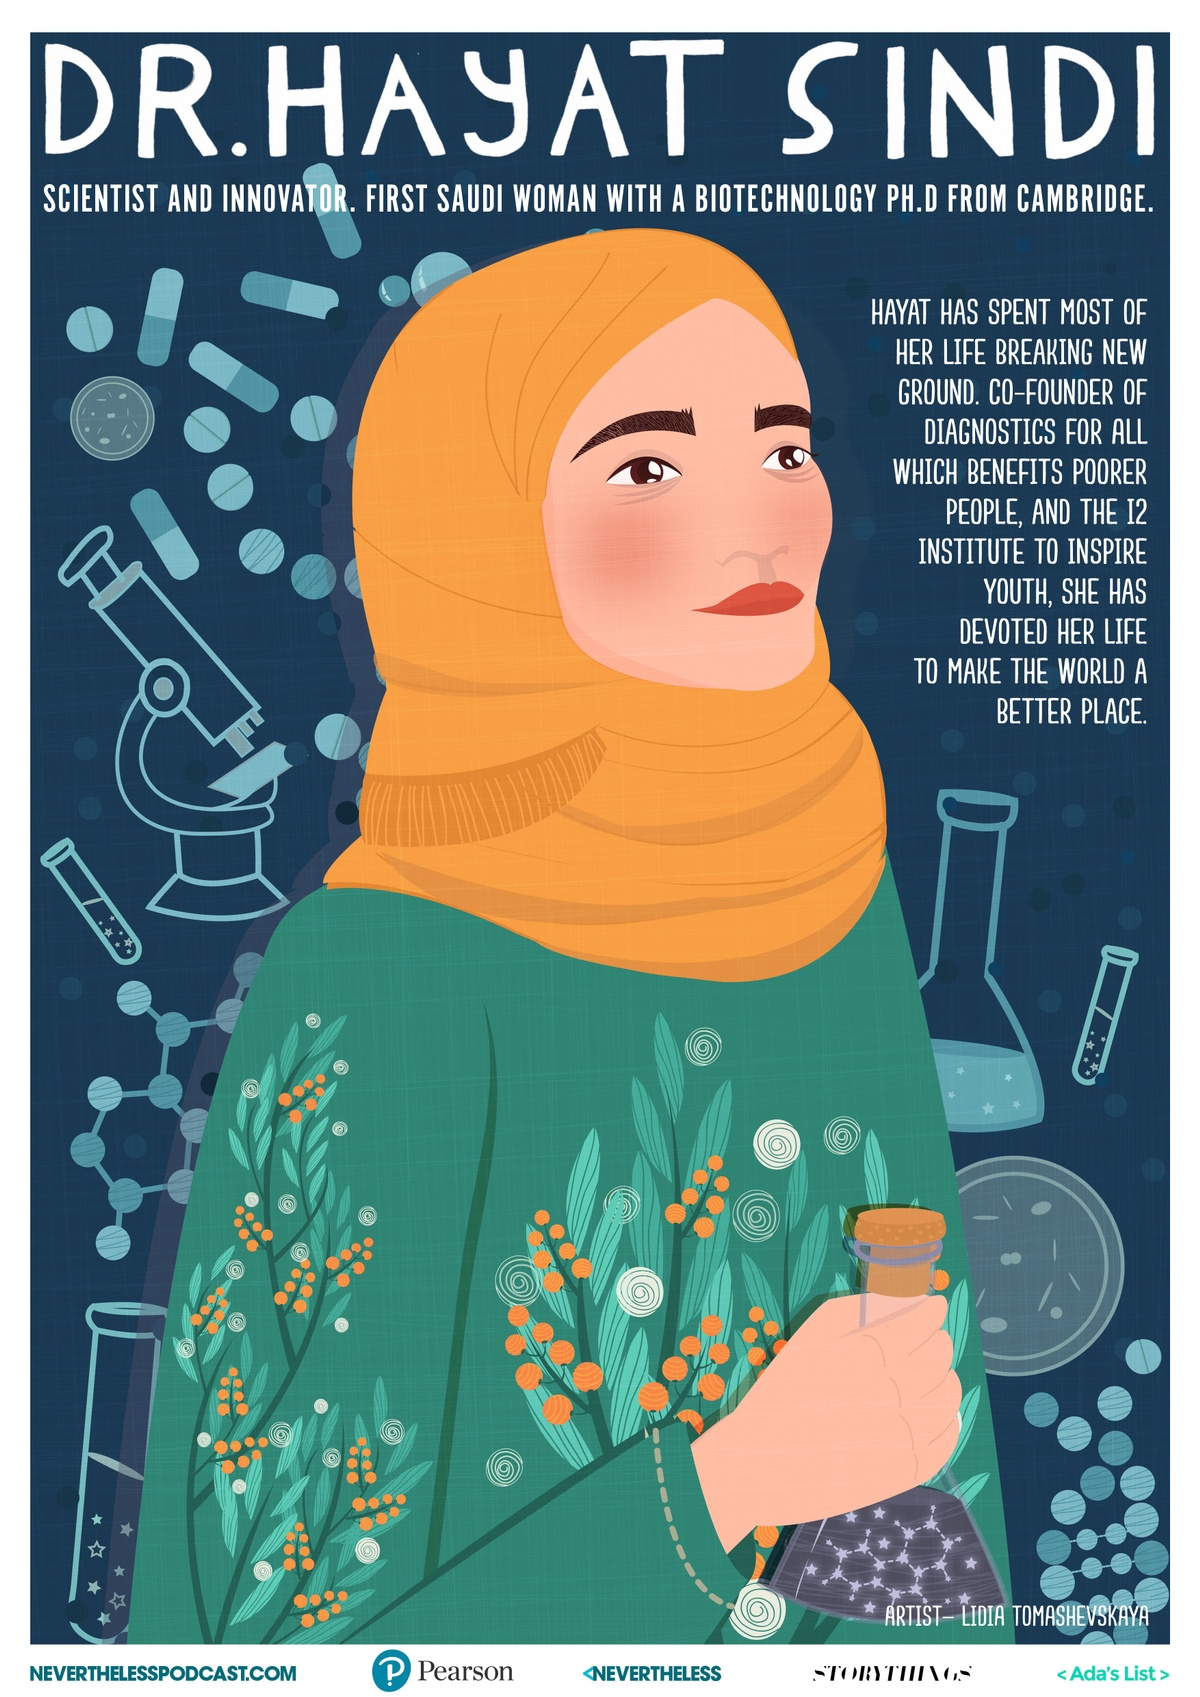 illustrated poster of Dr. Hayat Sindi by Lidia Tomashevskaya